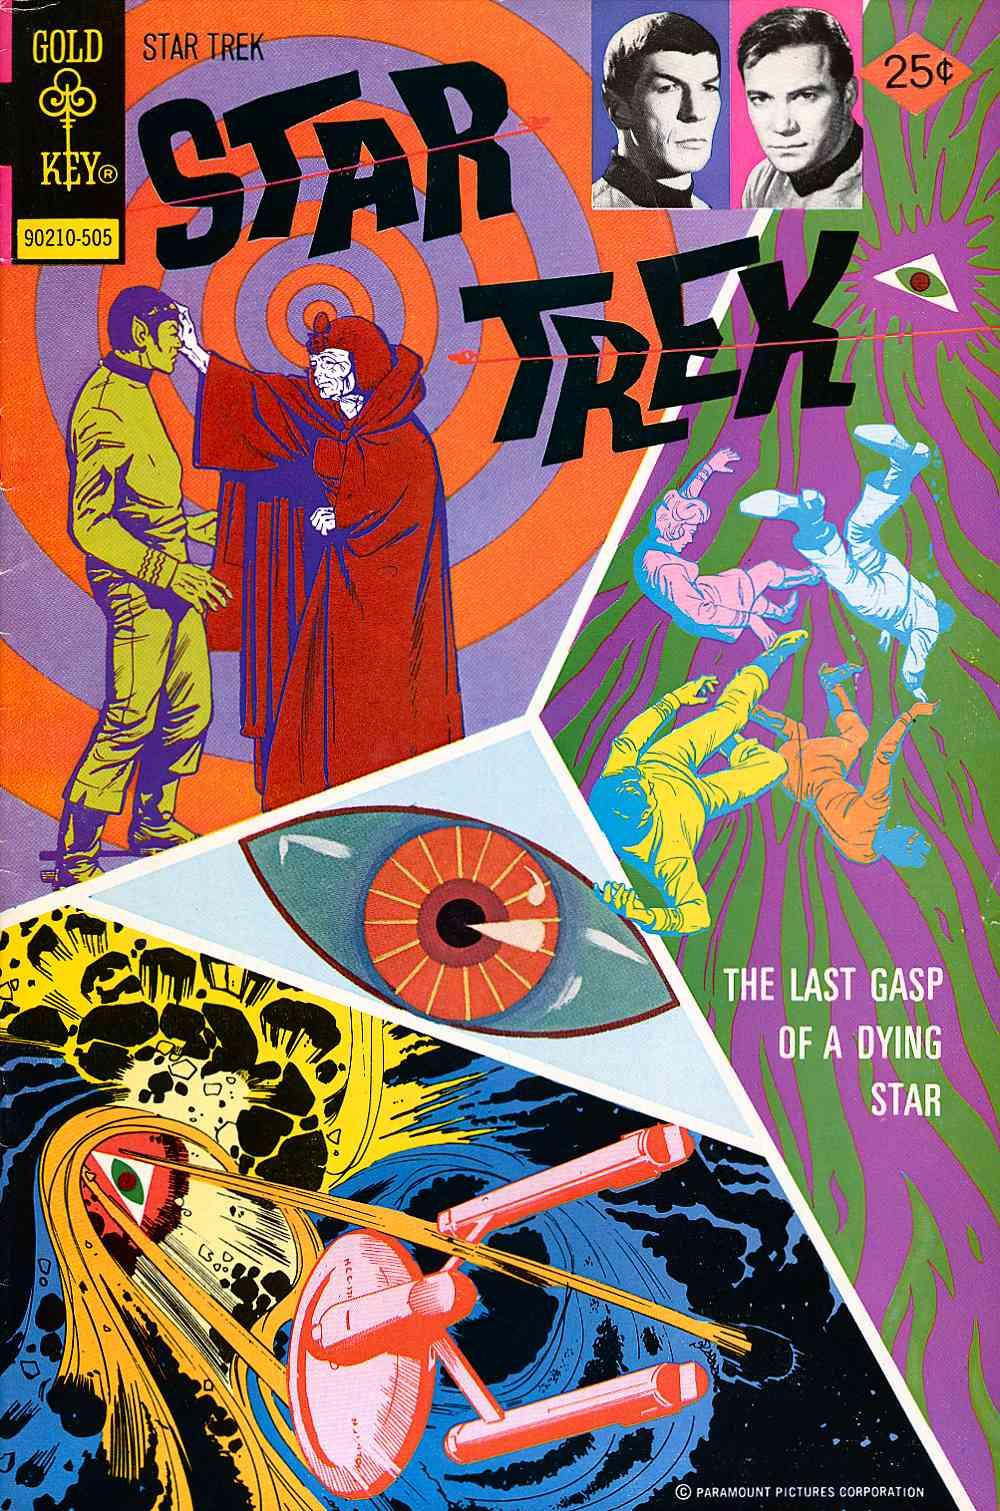 Star Trek (1967) issue 30 - Page 1